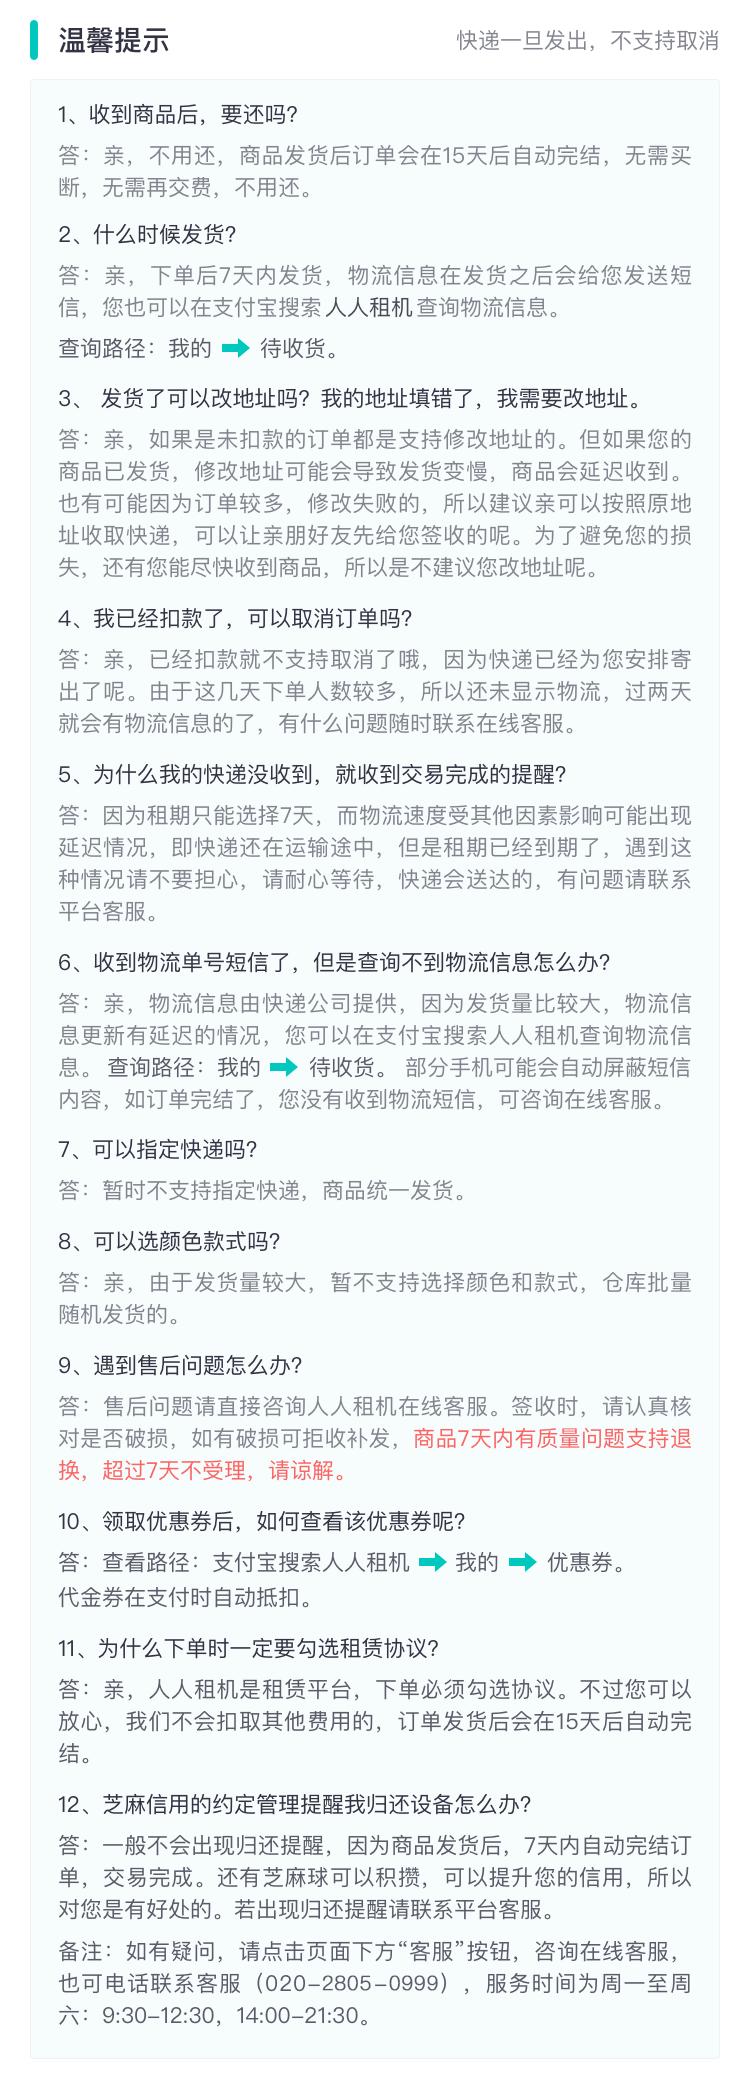 温馨提示-租赁商品详情页.png